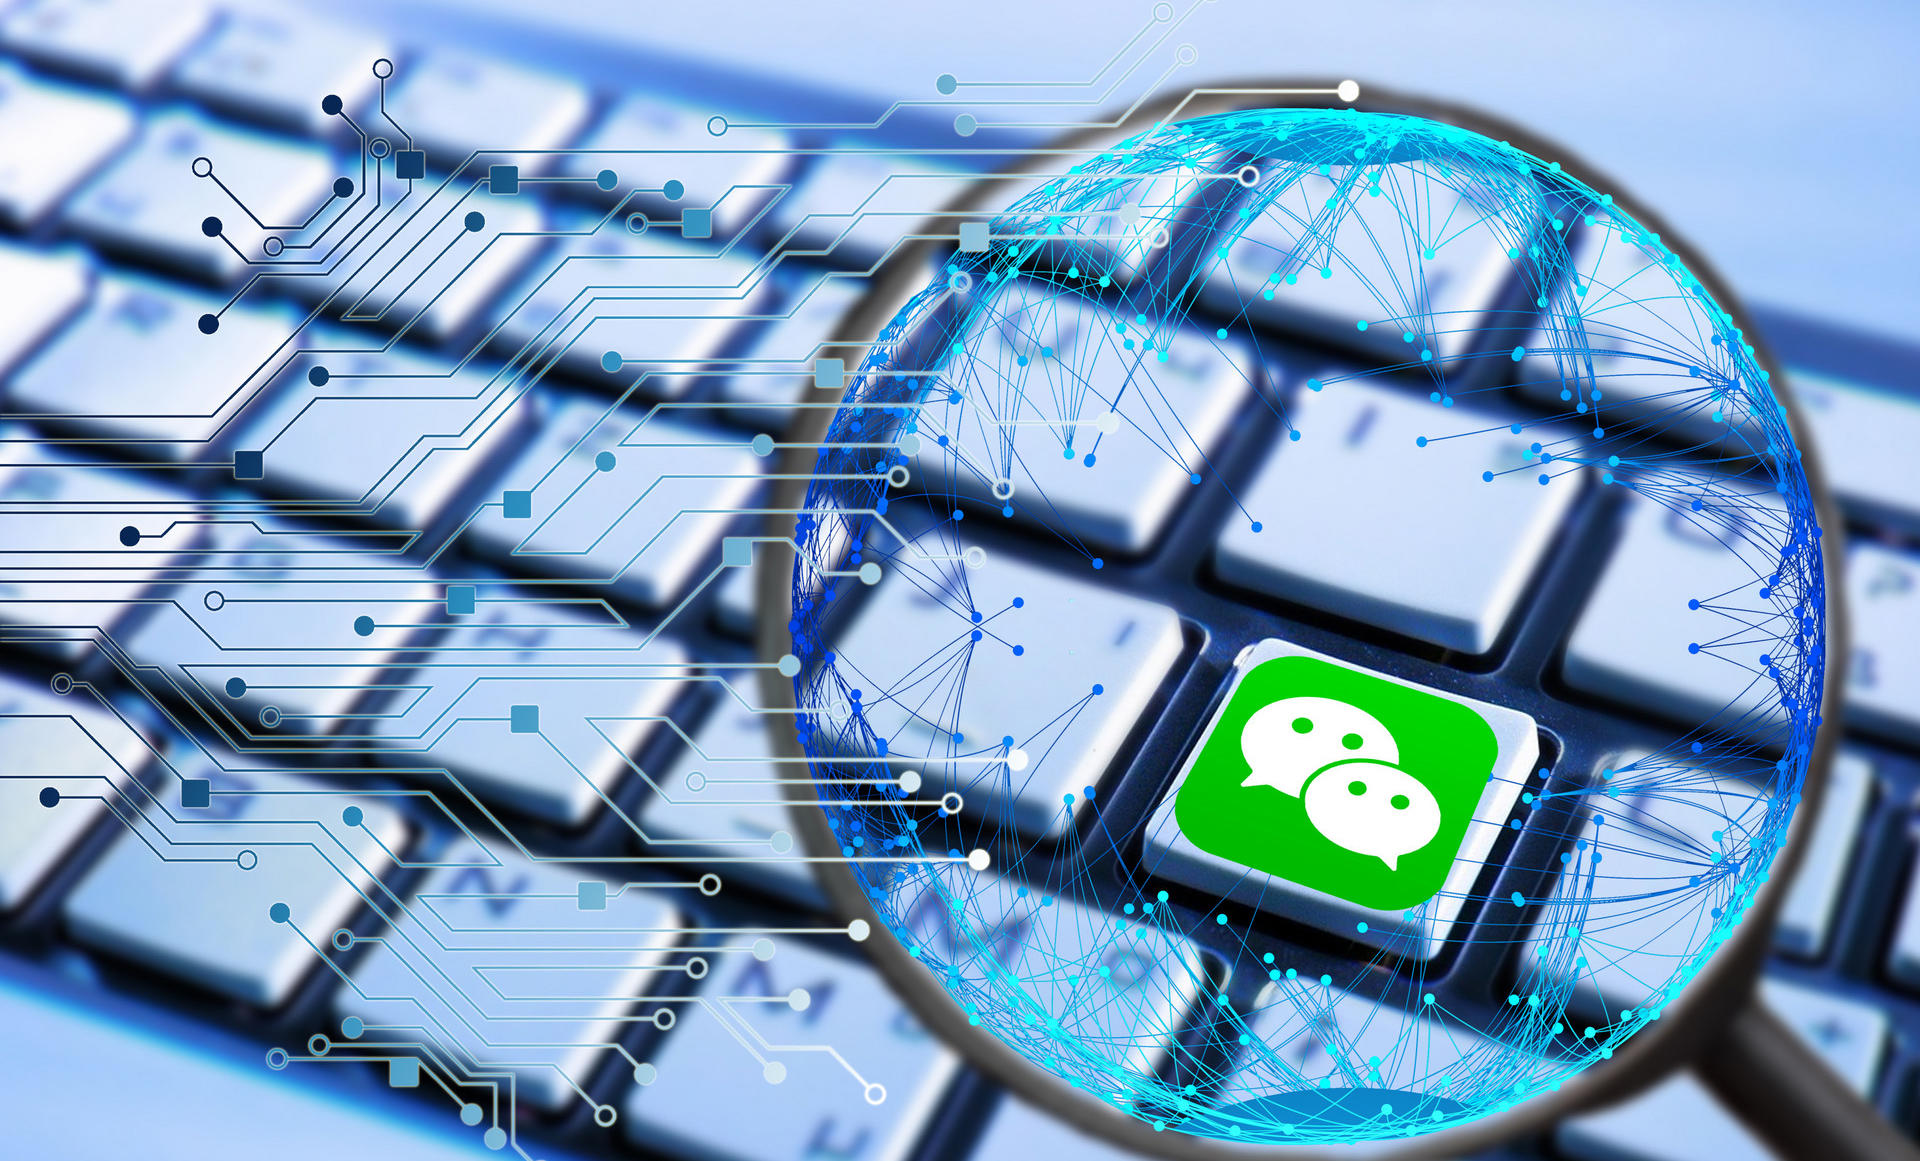 微信行业助手小程序正式开放,合作伙伴可快速获取一手运营经验及行业动态